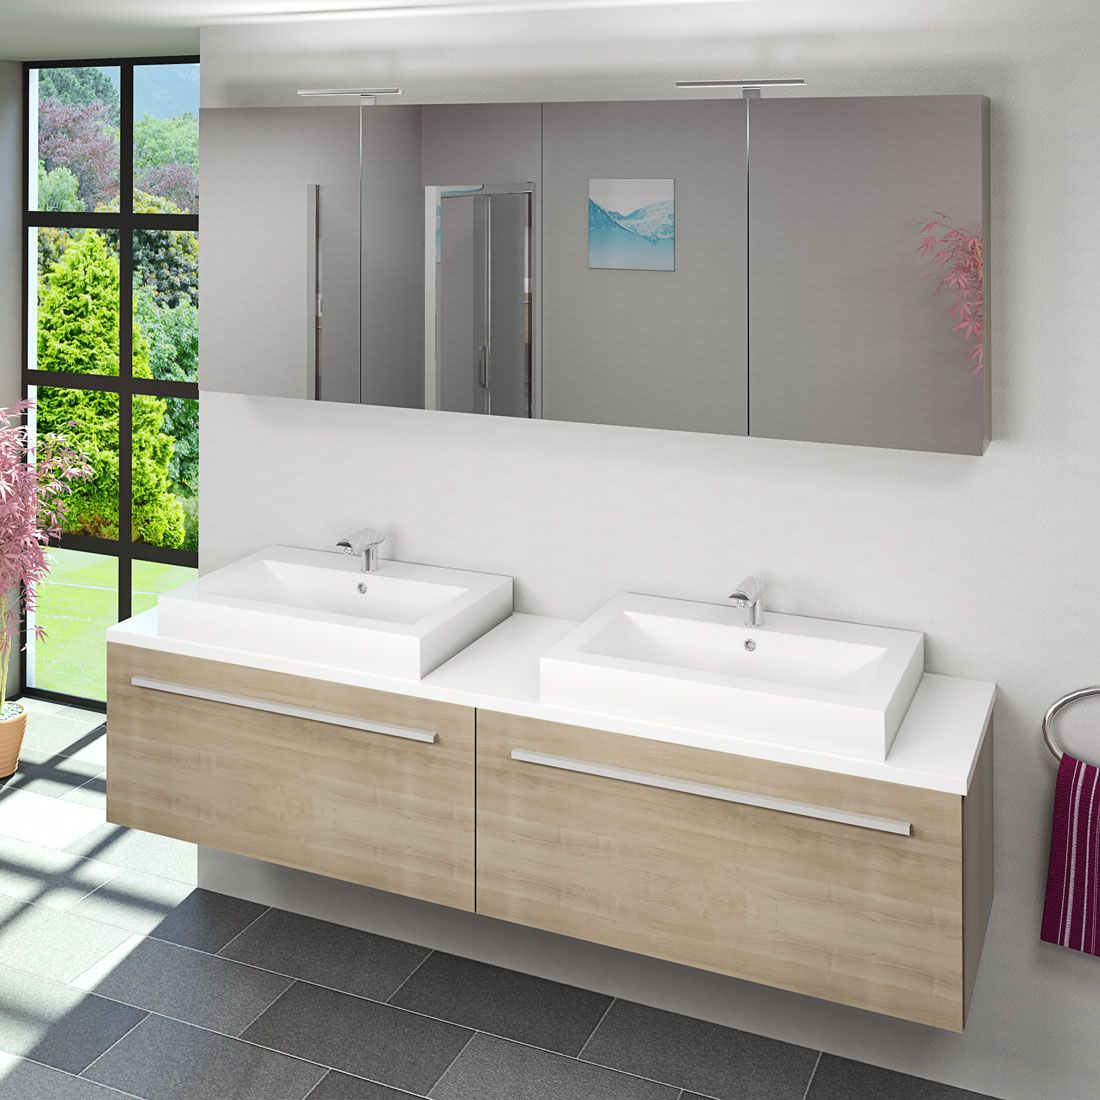 Tolle badezimmer unterschrank doppelwaschbecken  Badezimmer